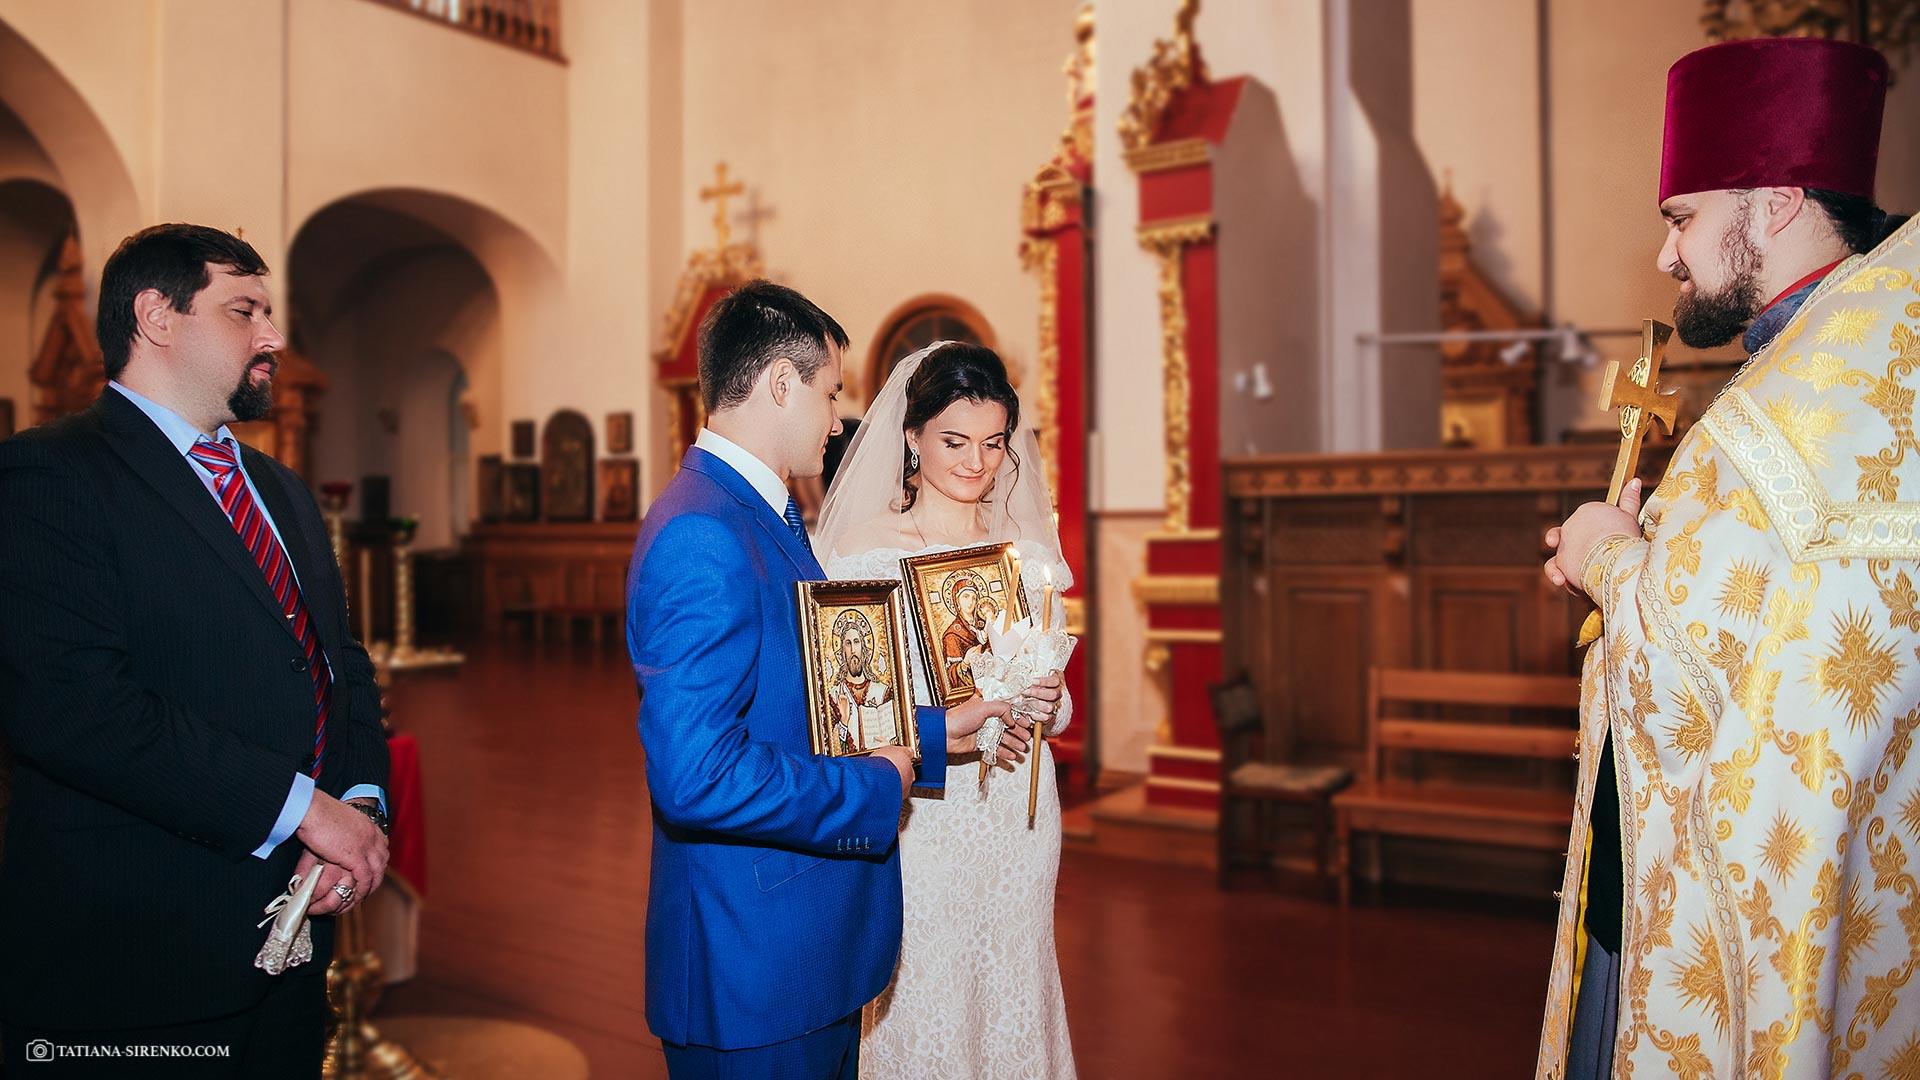 Фотосессия венчания Киев